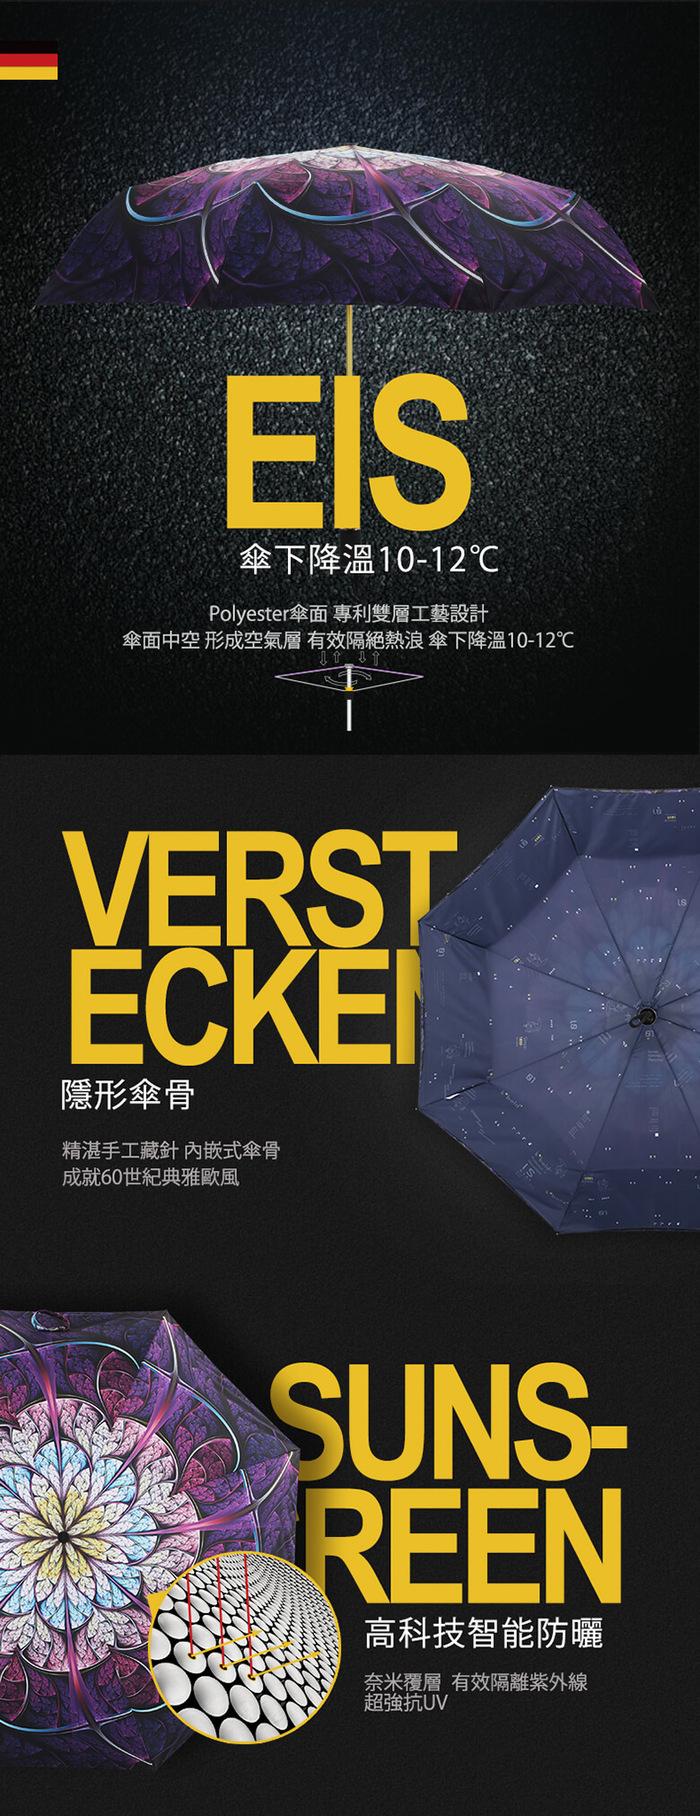 (複製)德國kobold|抗UV零透光智能防曬-國際設計師范燕燕-遮陽防曬傘-三折傘-綻放